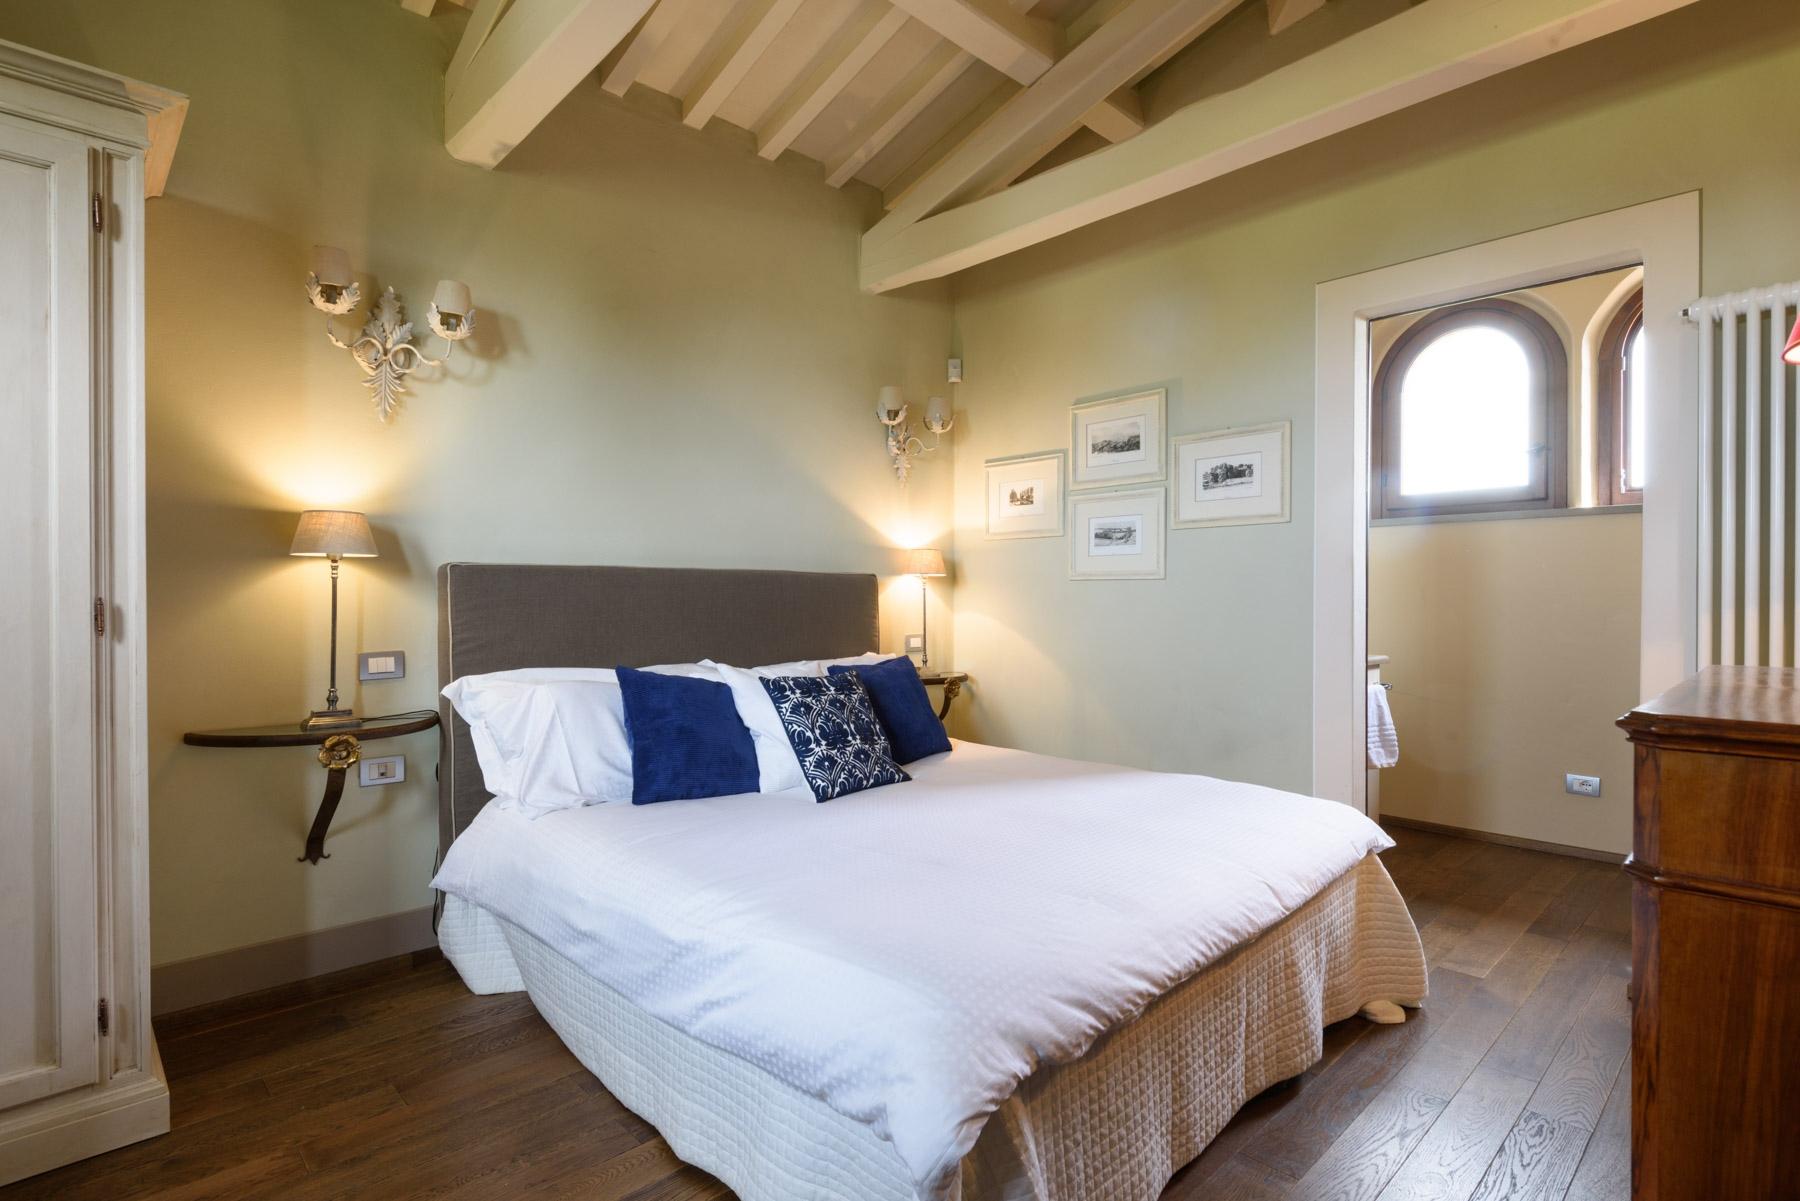 Villa in Vendita a Cortona: 5 locali, 246 mq - Foto 2